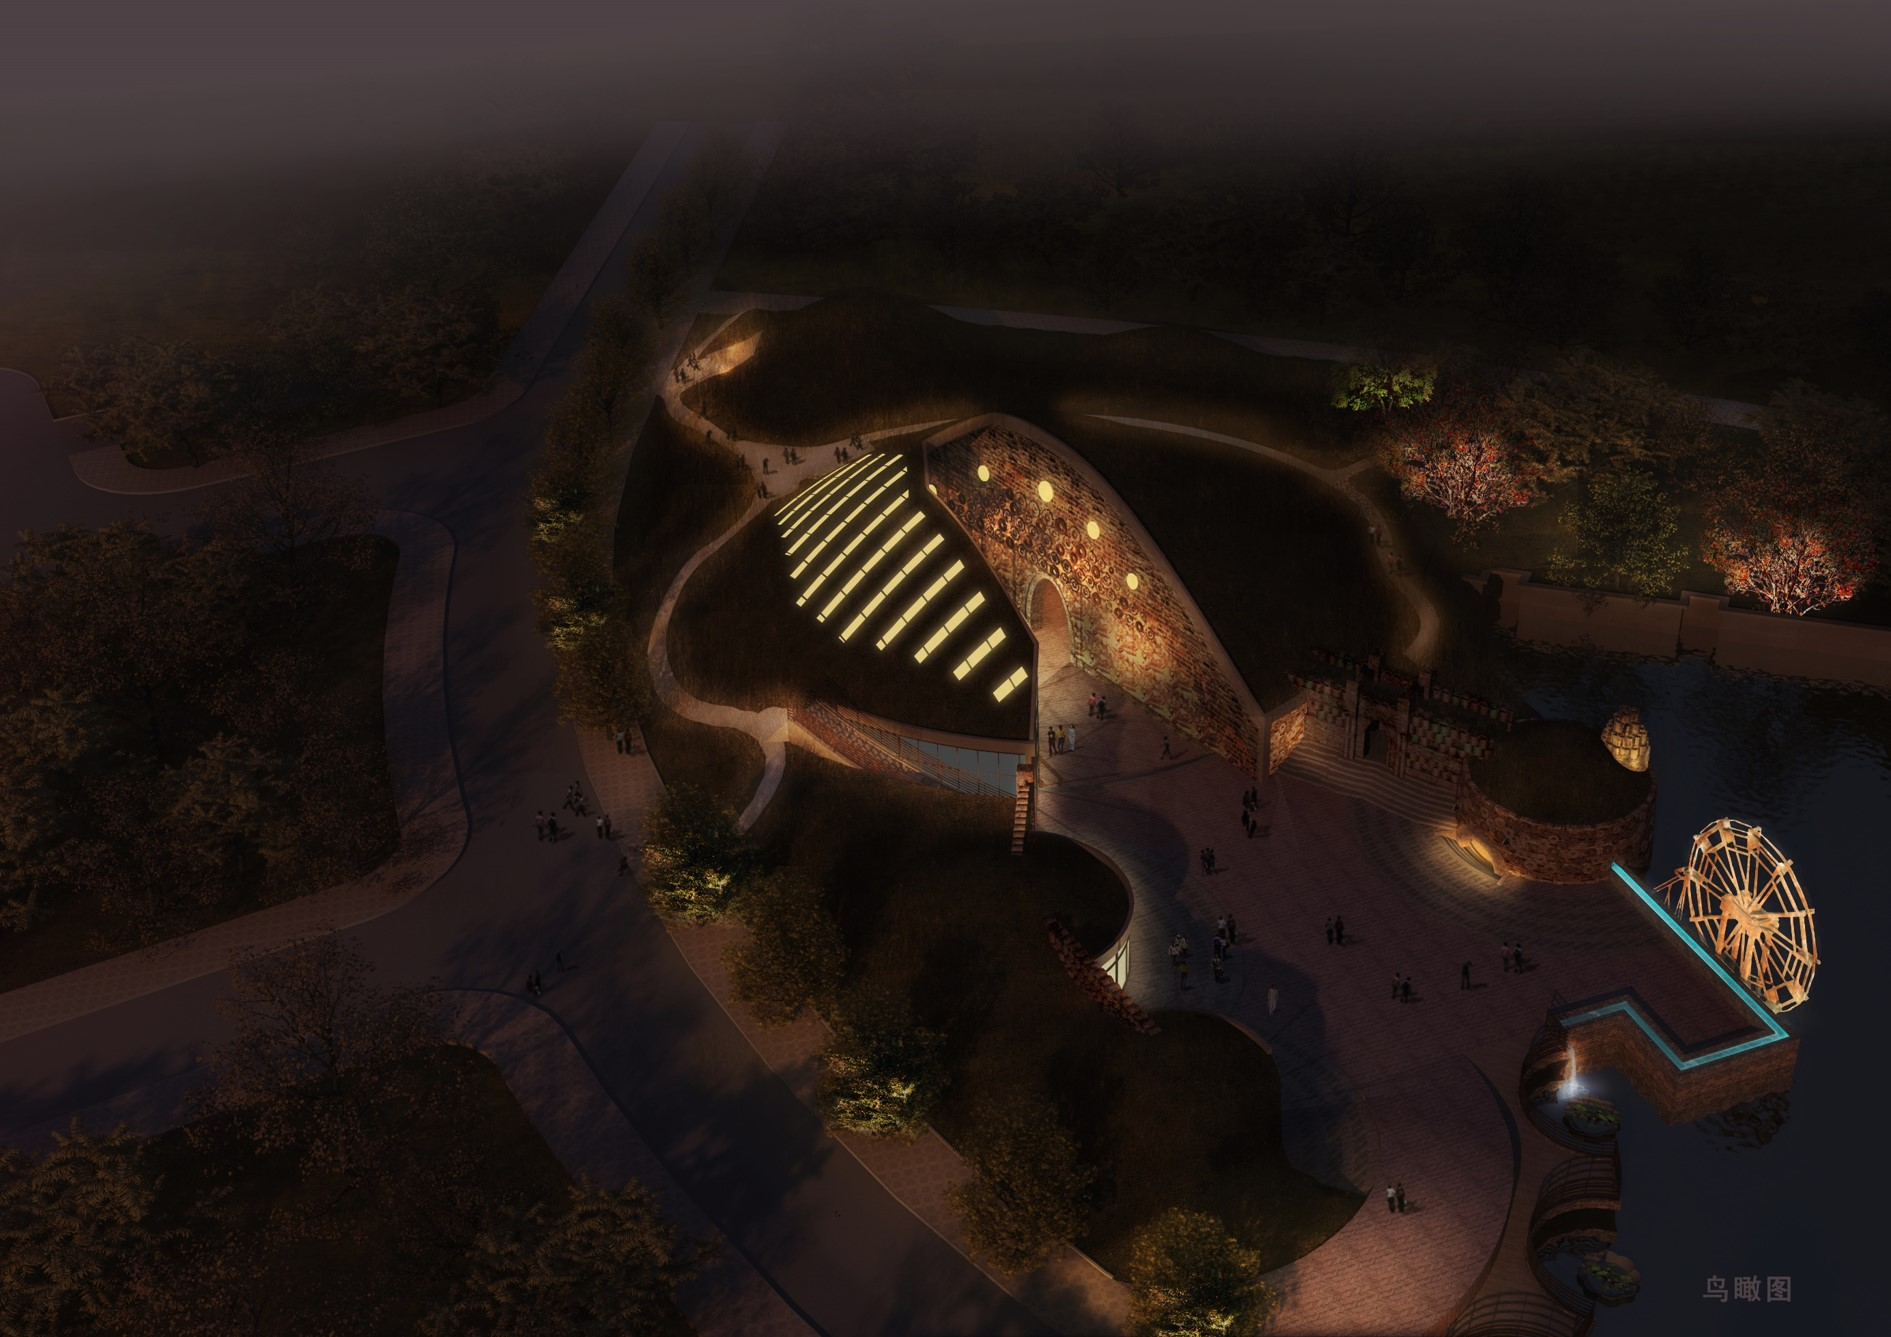 黄浦区制造灯光设计互惠互利「上海品冈」